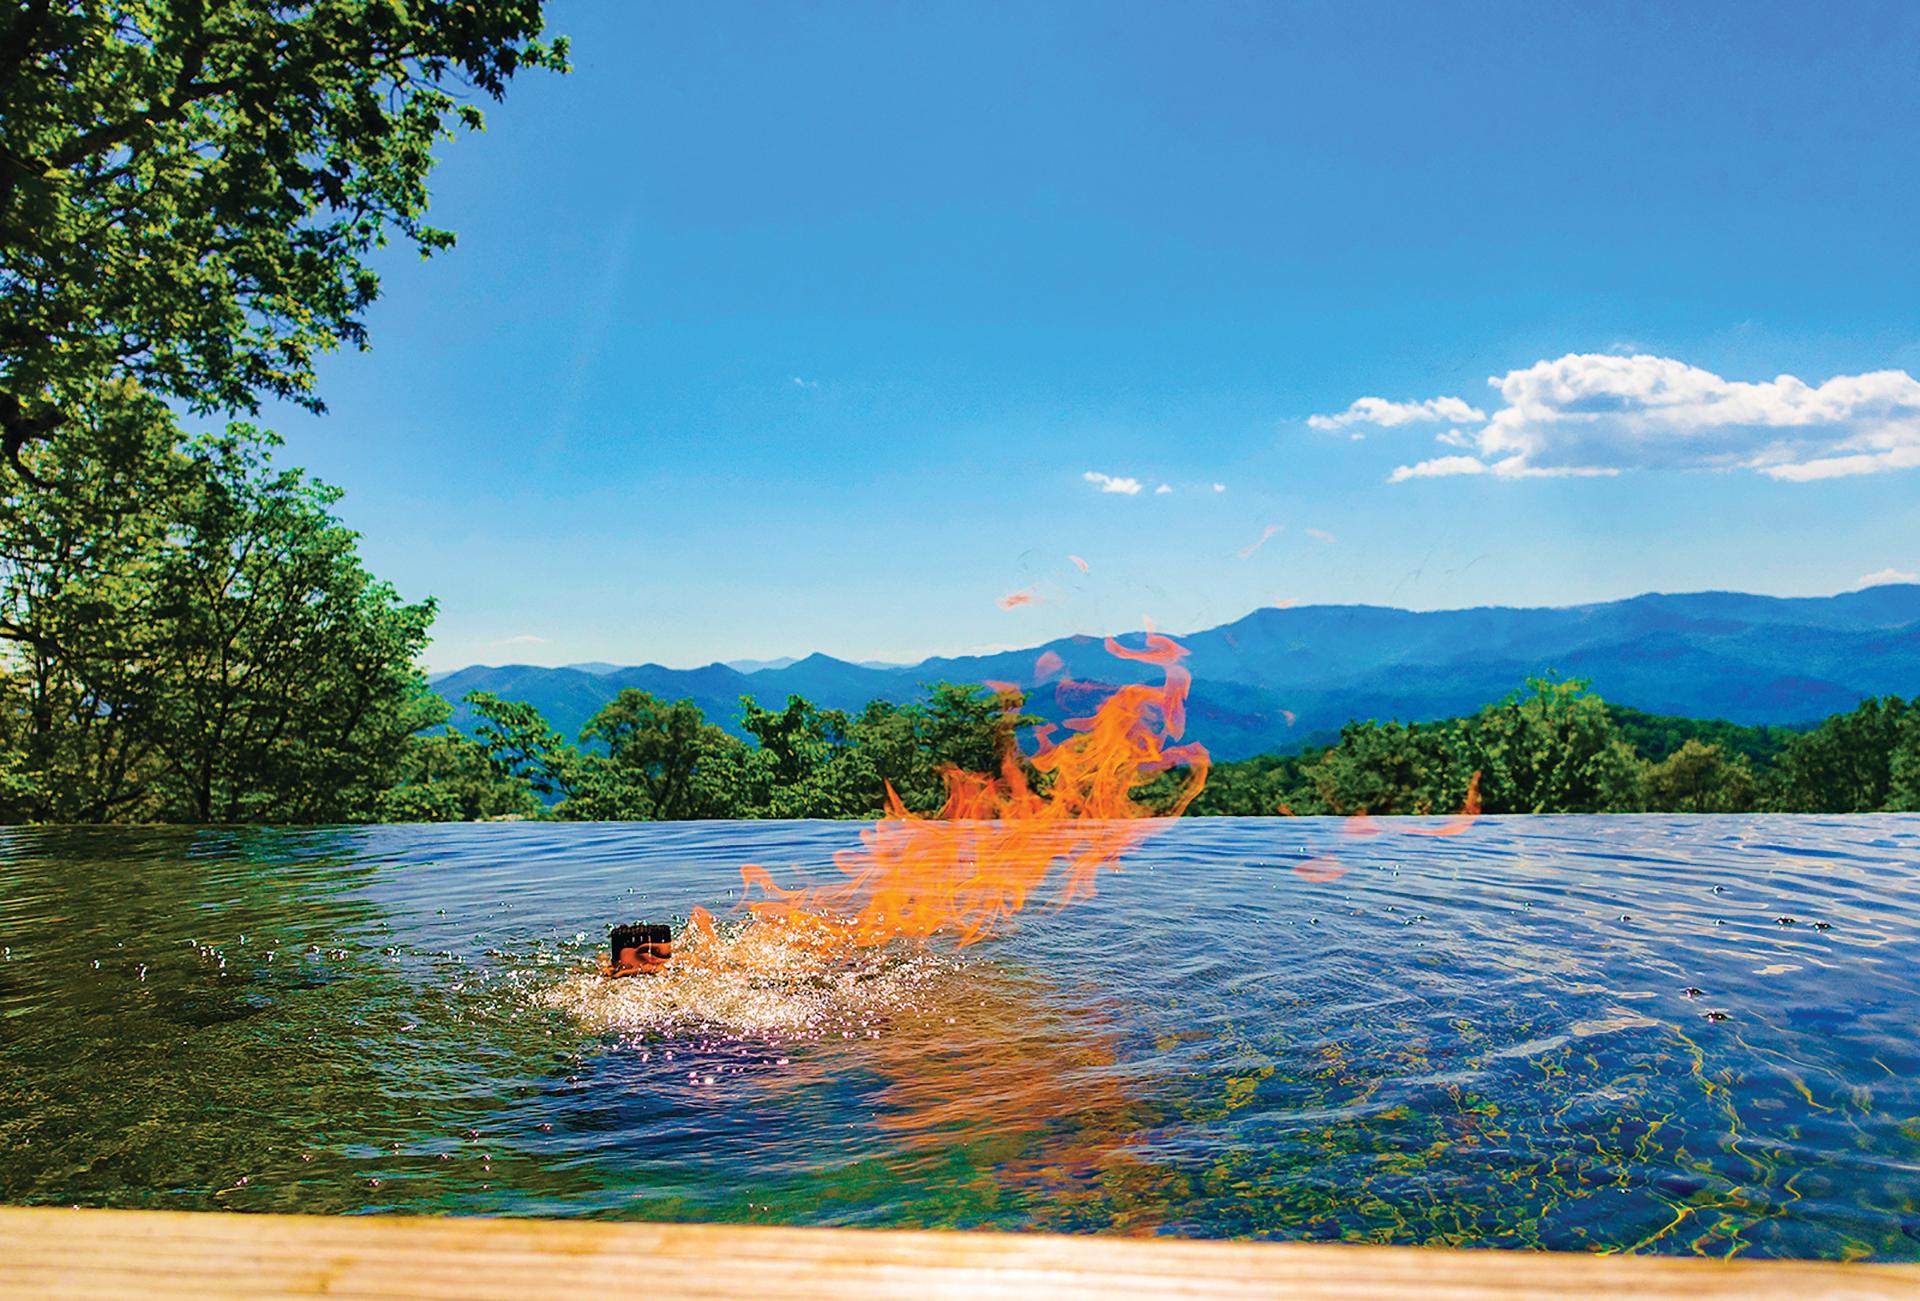 fire-water-restaurant-view-highlands-ncA